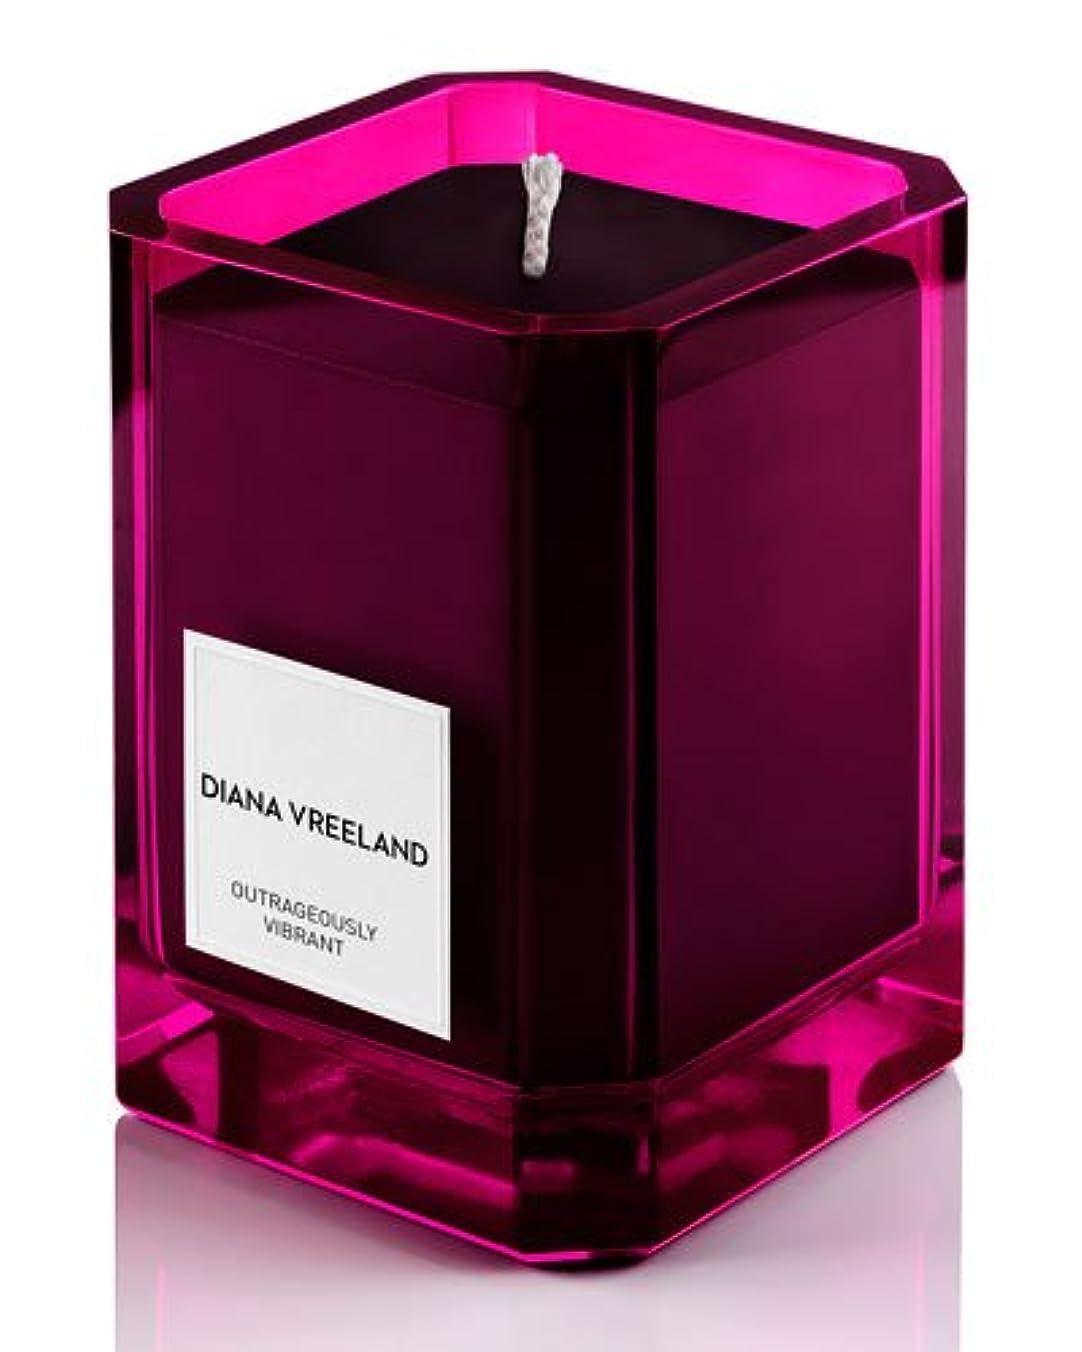 明るい入る削るDiana Vreeland Outrageously Vibrant(ダイアナ ヴリーランド アウトレイジャスリー ヴィブラント)9.7 oz (291ml) Candle(香り付きキャンドル)